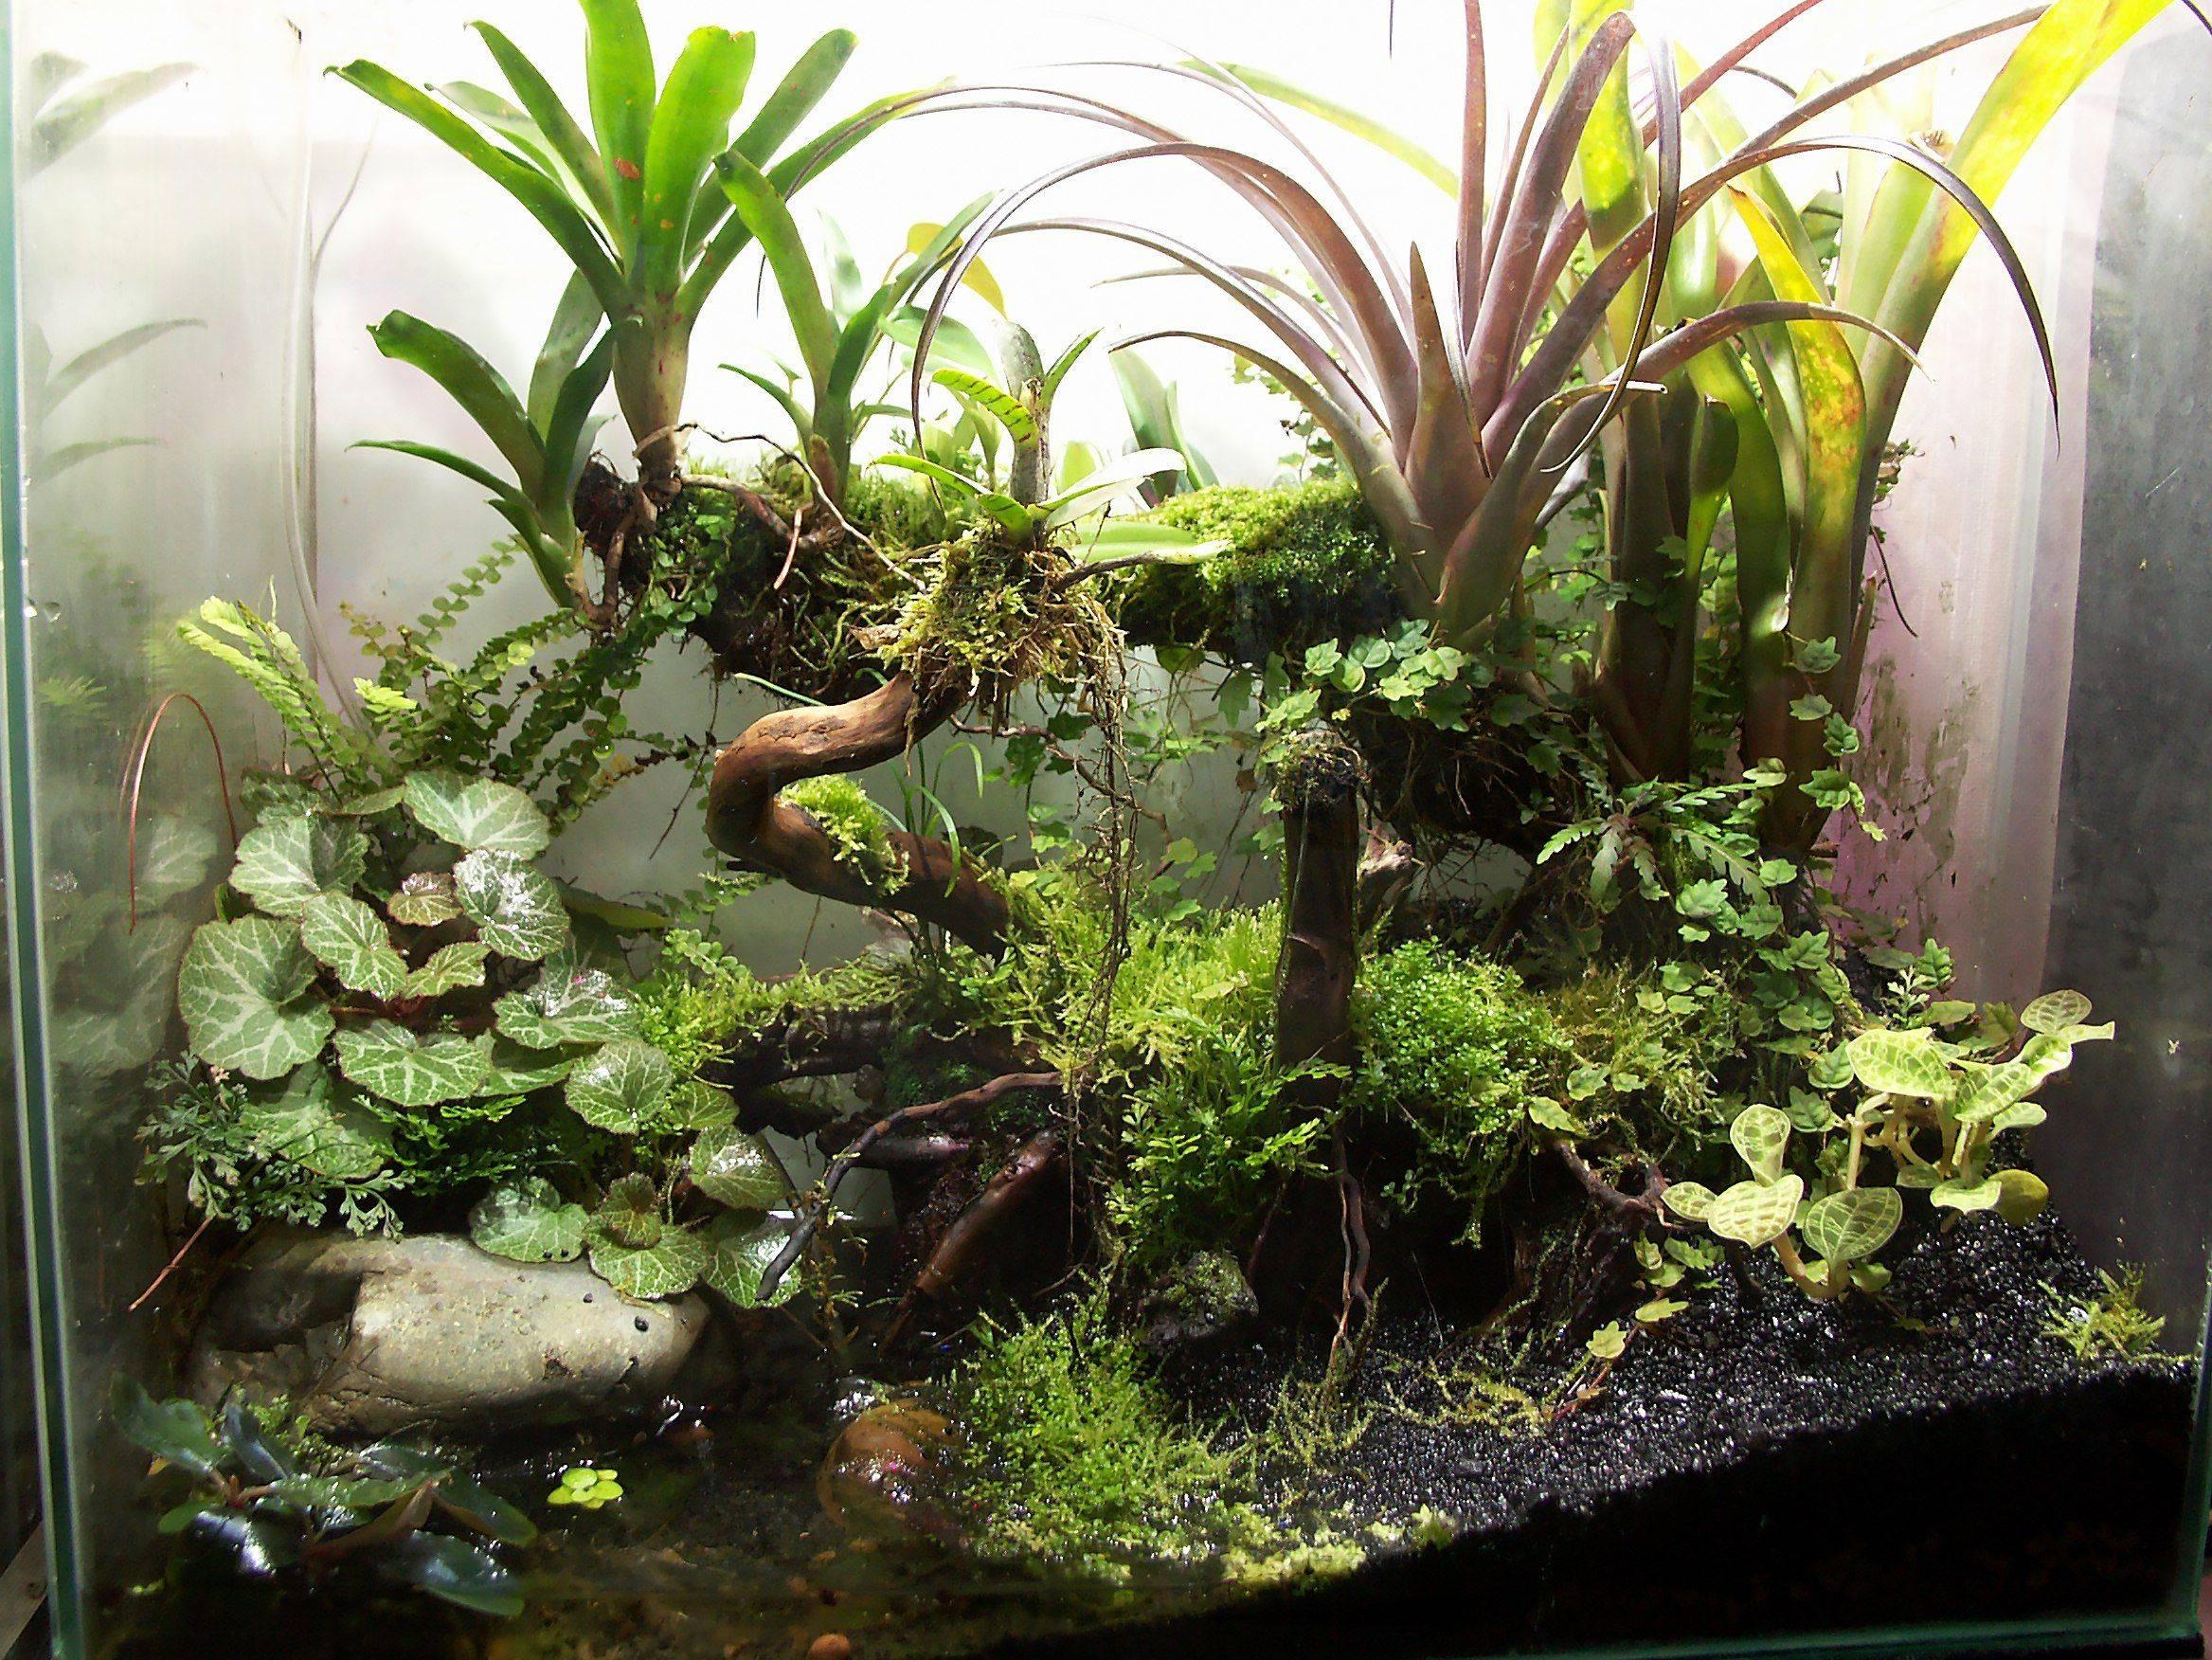 Как сделать террариум с растениями: 5 простых шагов - flosium.ru